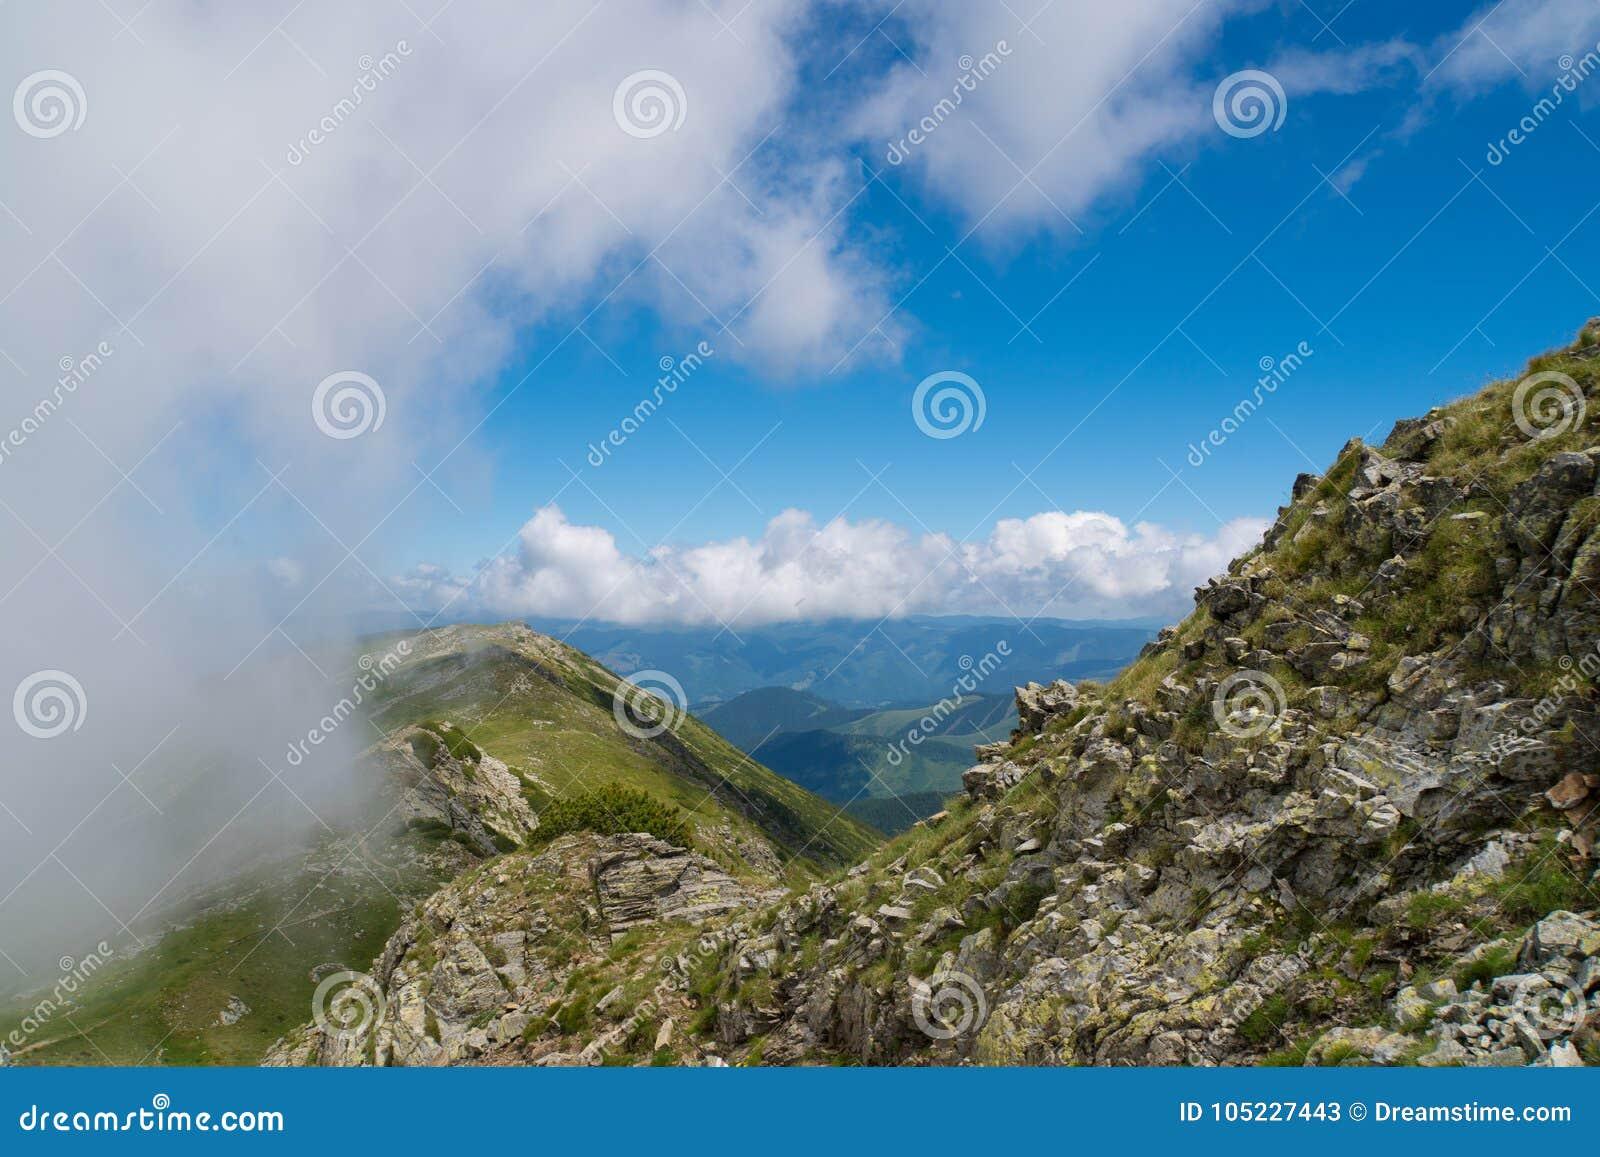 Beau paysage sauvage avec des montagnes rocheuses et un beau ciel d été